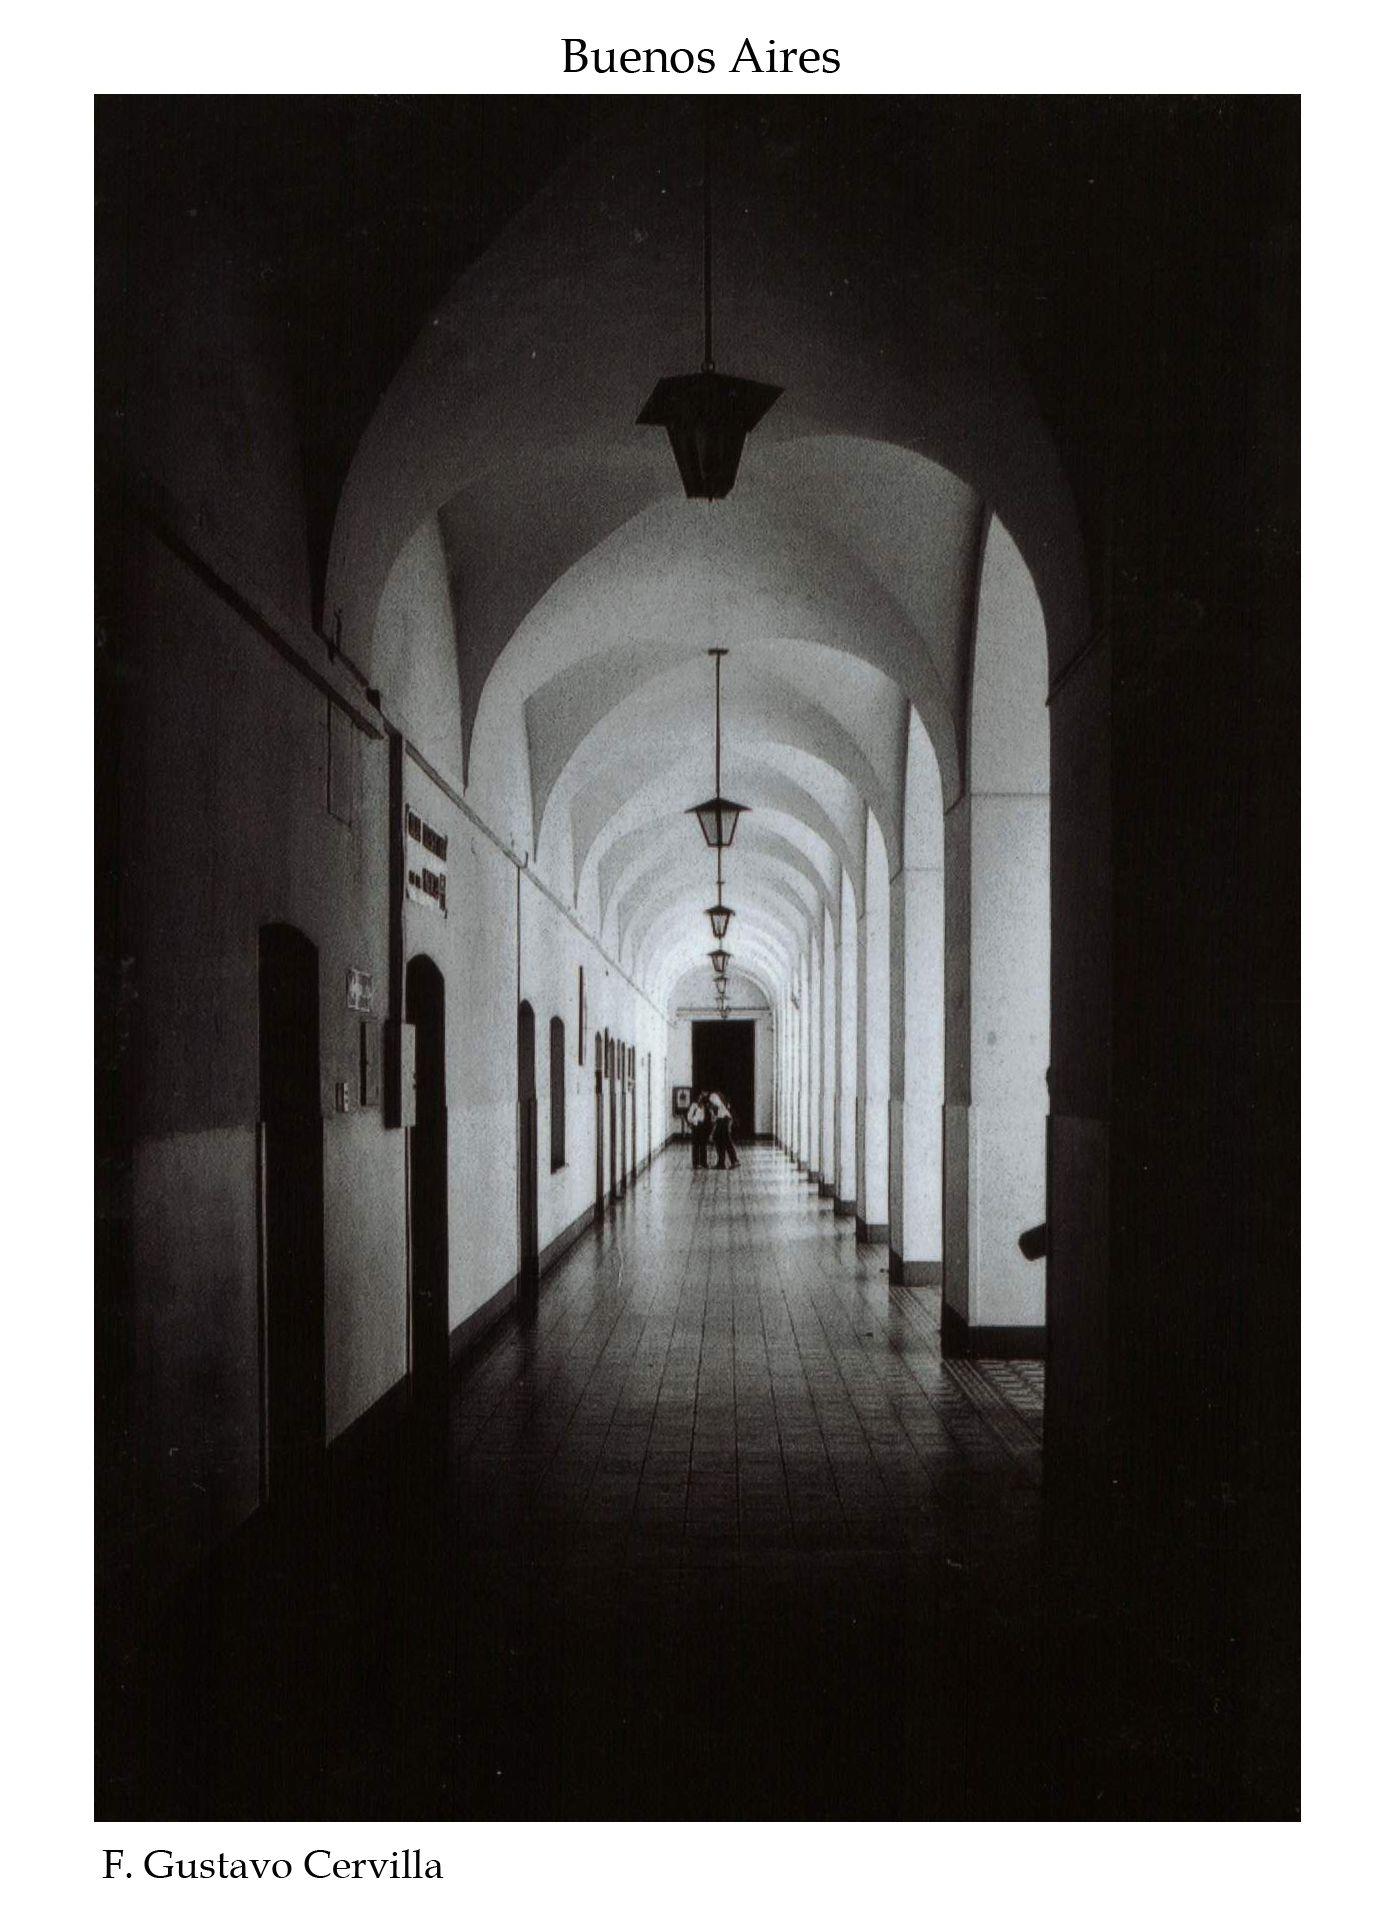 Convento de San Ramón Nonato Buenos Aires Argentina